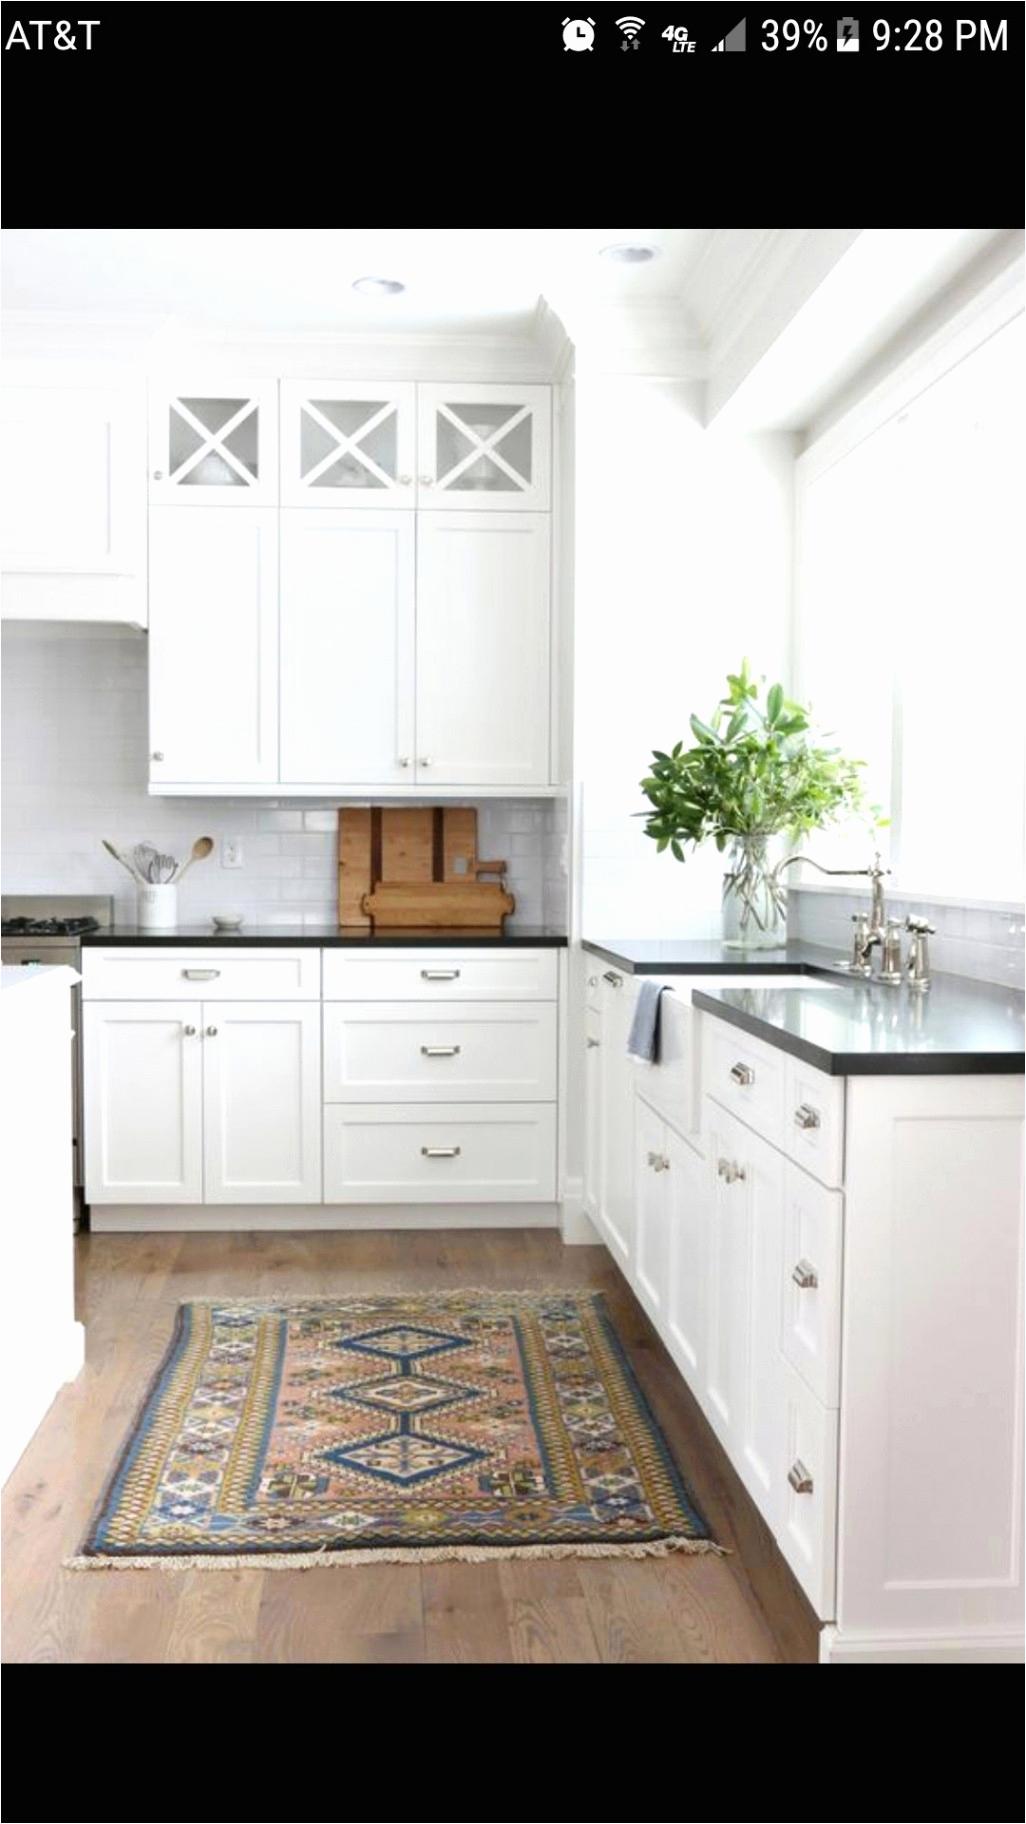 plaque decorative cuisine beau deco mur cuisine idee deco mur cuisine unique salon w odcieniach be of plaque decorative cuisine